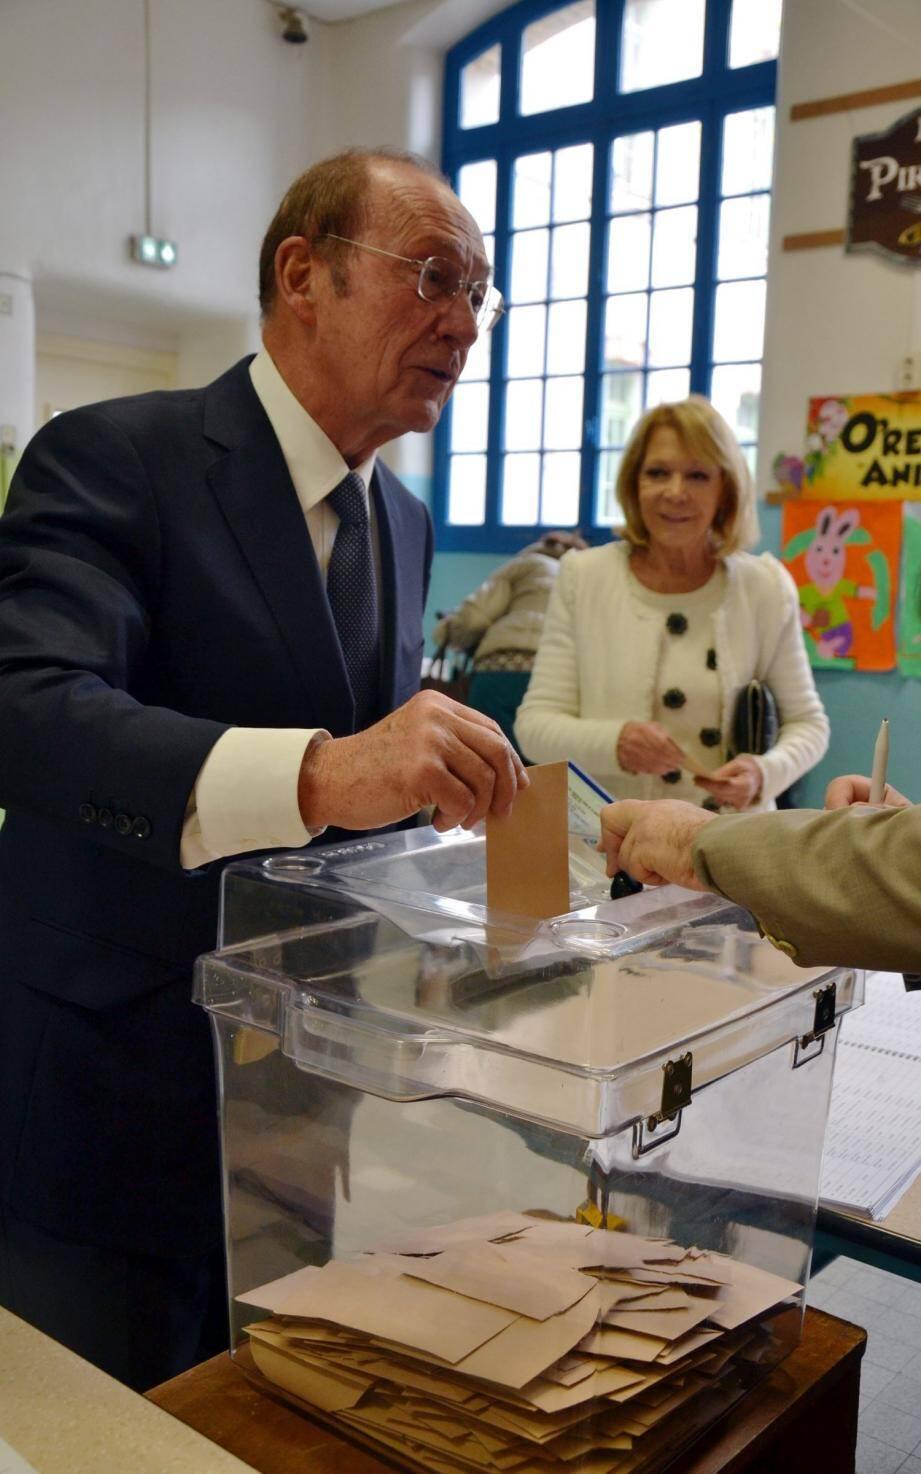 Agence de Menton.Jean-Claude Guibal, député-maire de Menton, vote pour le premier tour de la Primaire de la droite et du centre. 20 novembre 2016.